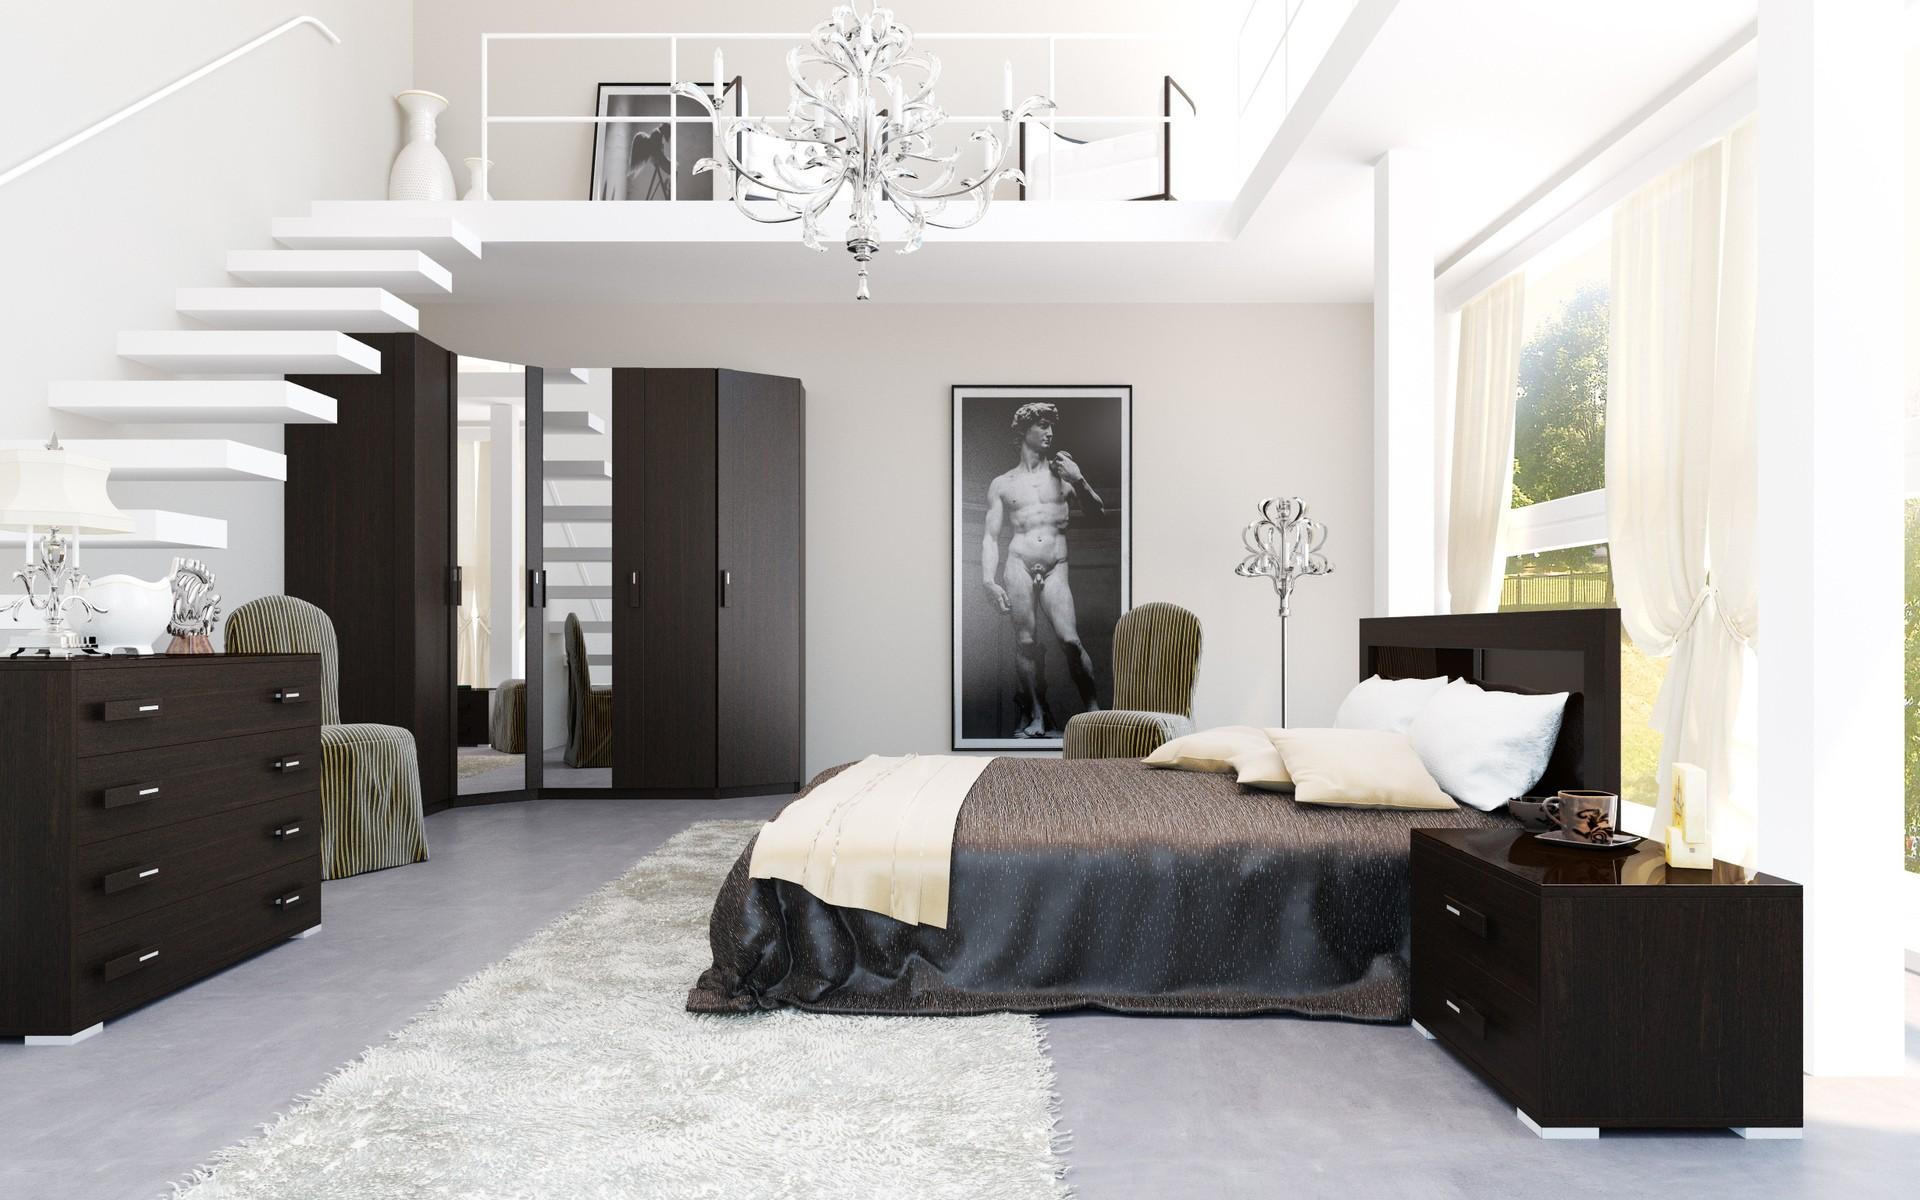 Diseño de habitación moderna hd 1920x1200 - imagenes - wallpapers ...